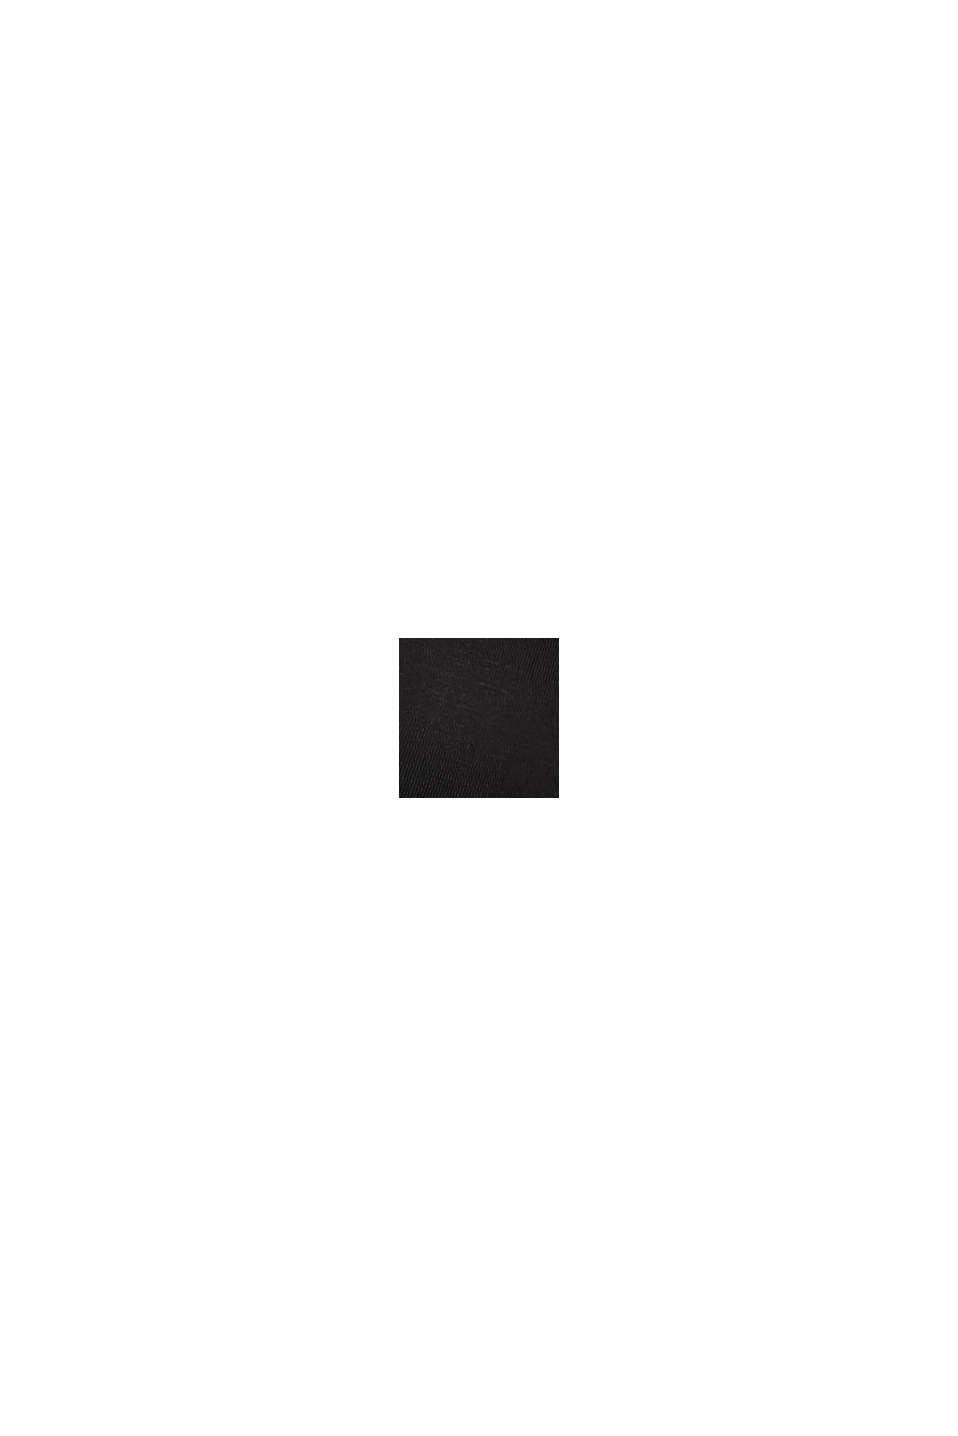 Stilren T-shirt-bh, BLACK, swatch